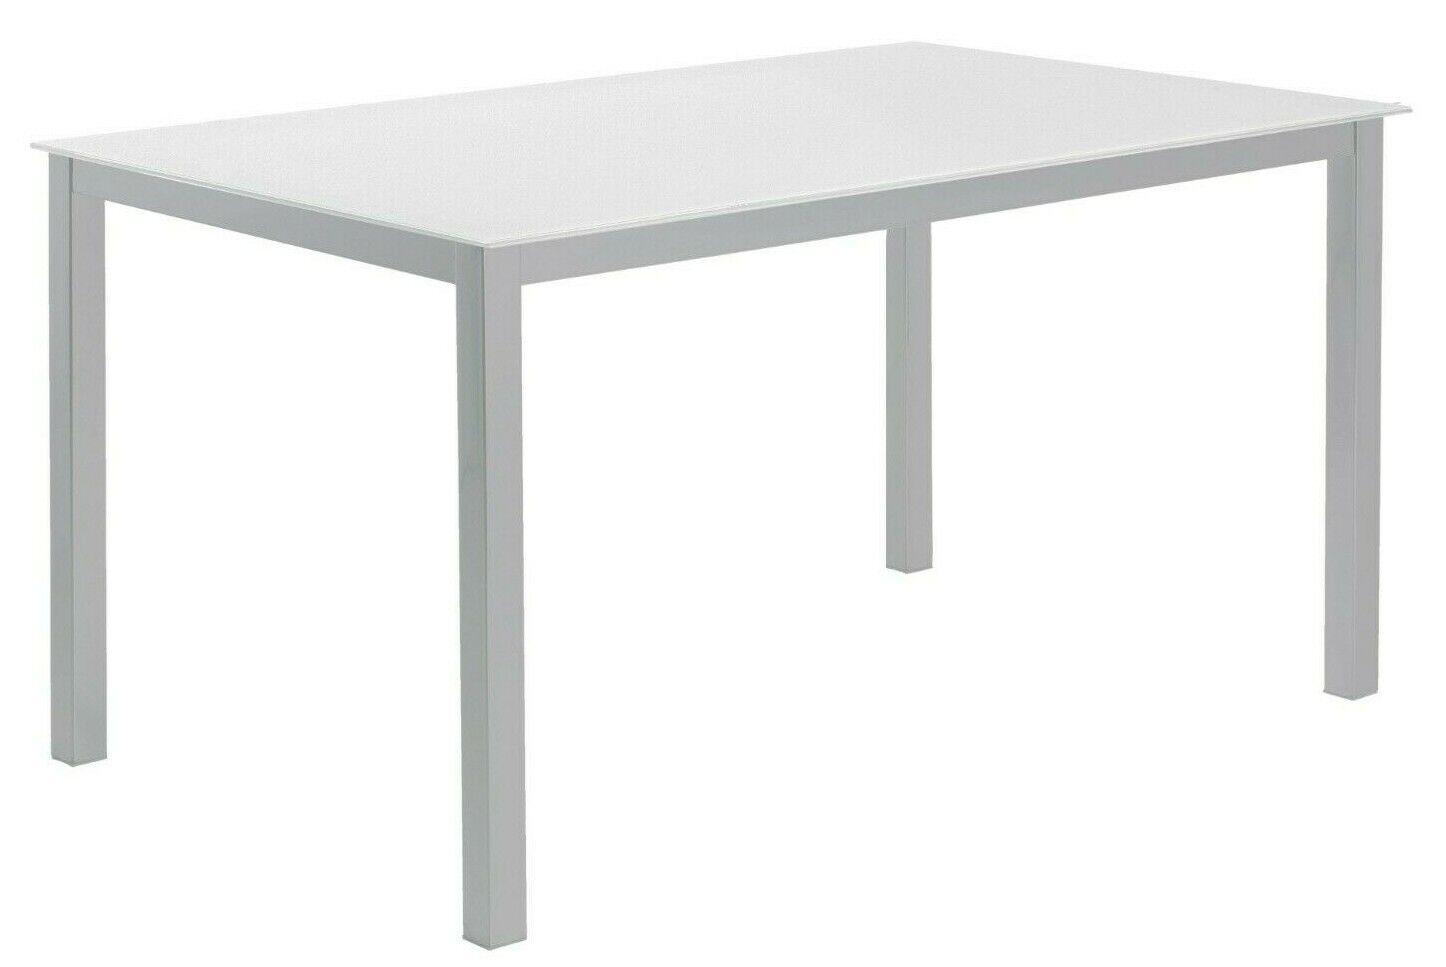 Mesa cocina grande o salon comedor cristal templado blanco y patas ...